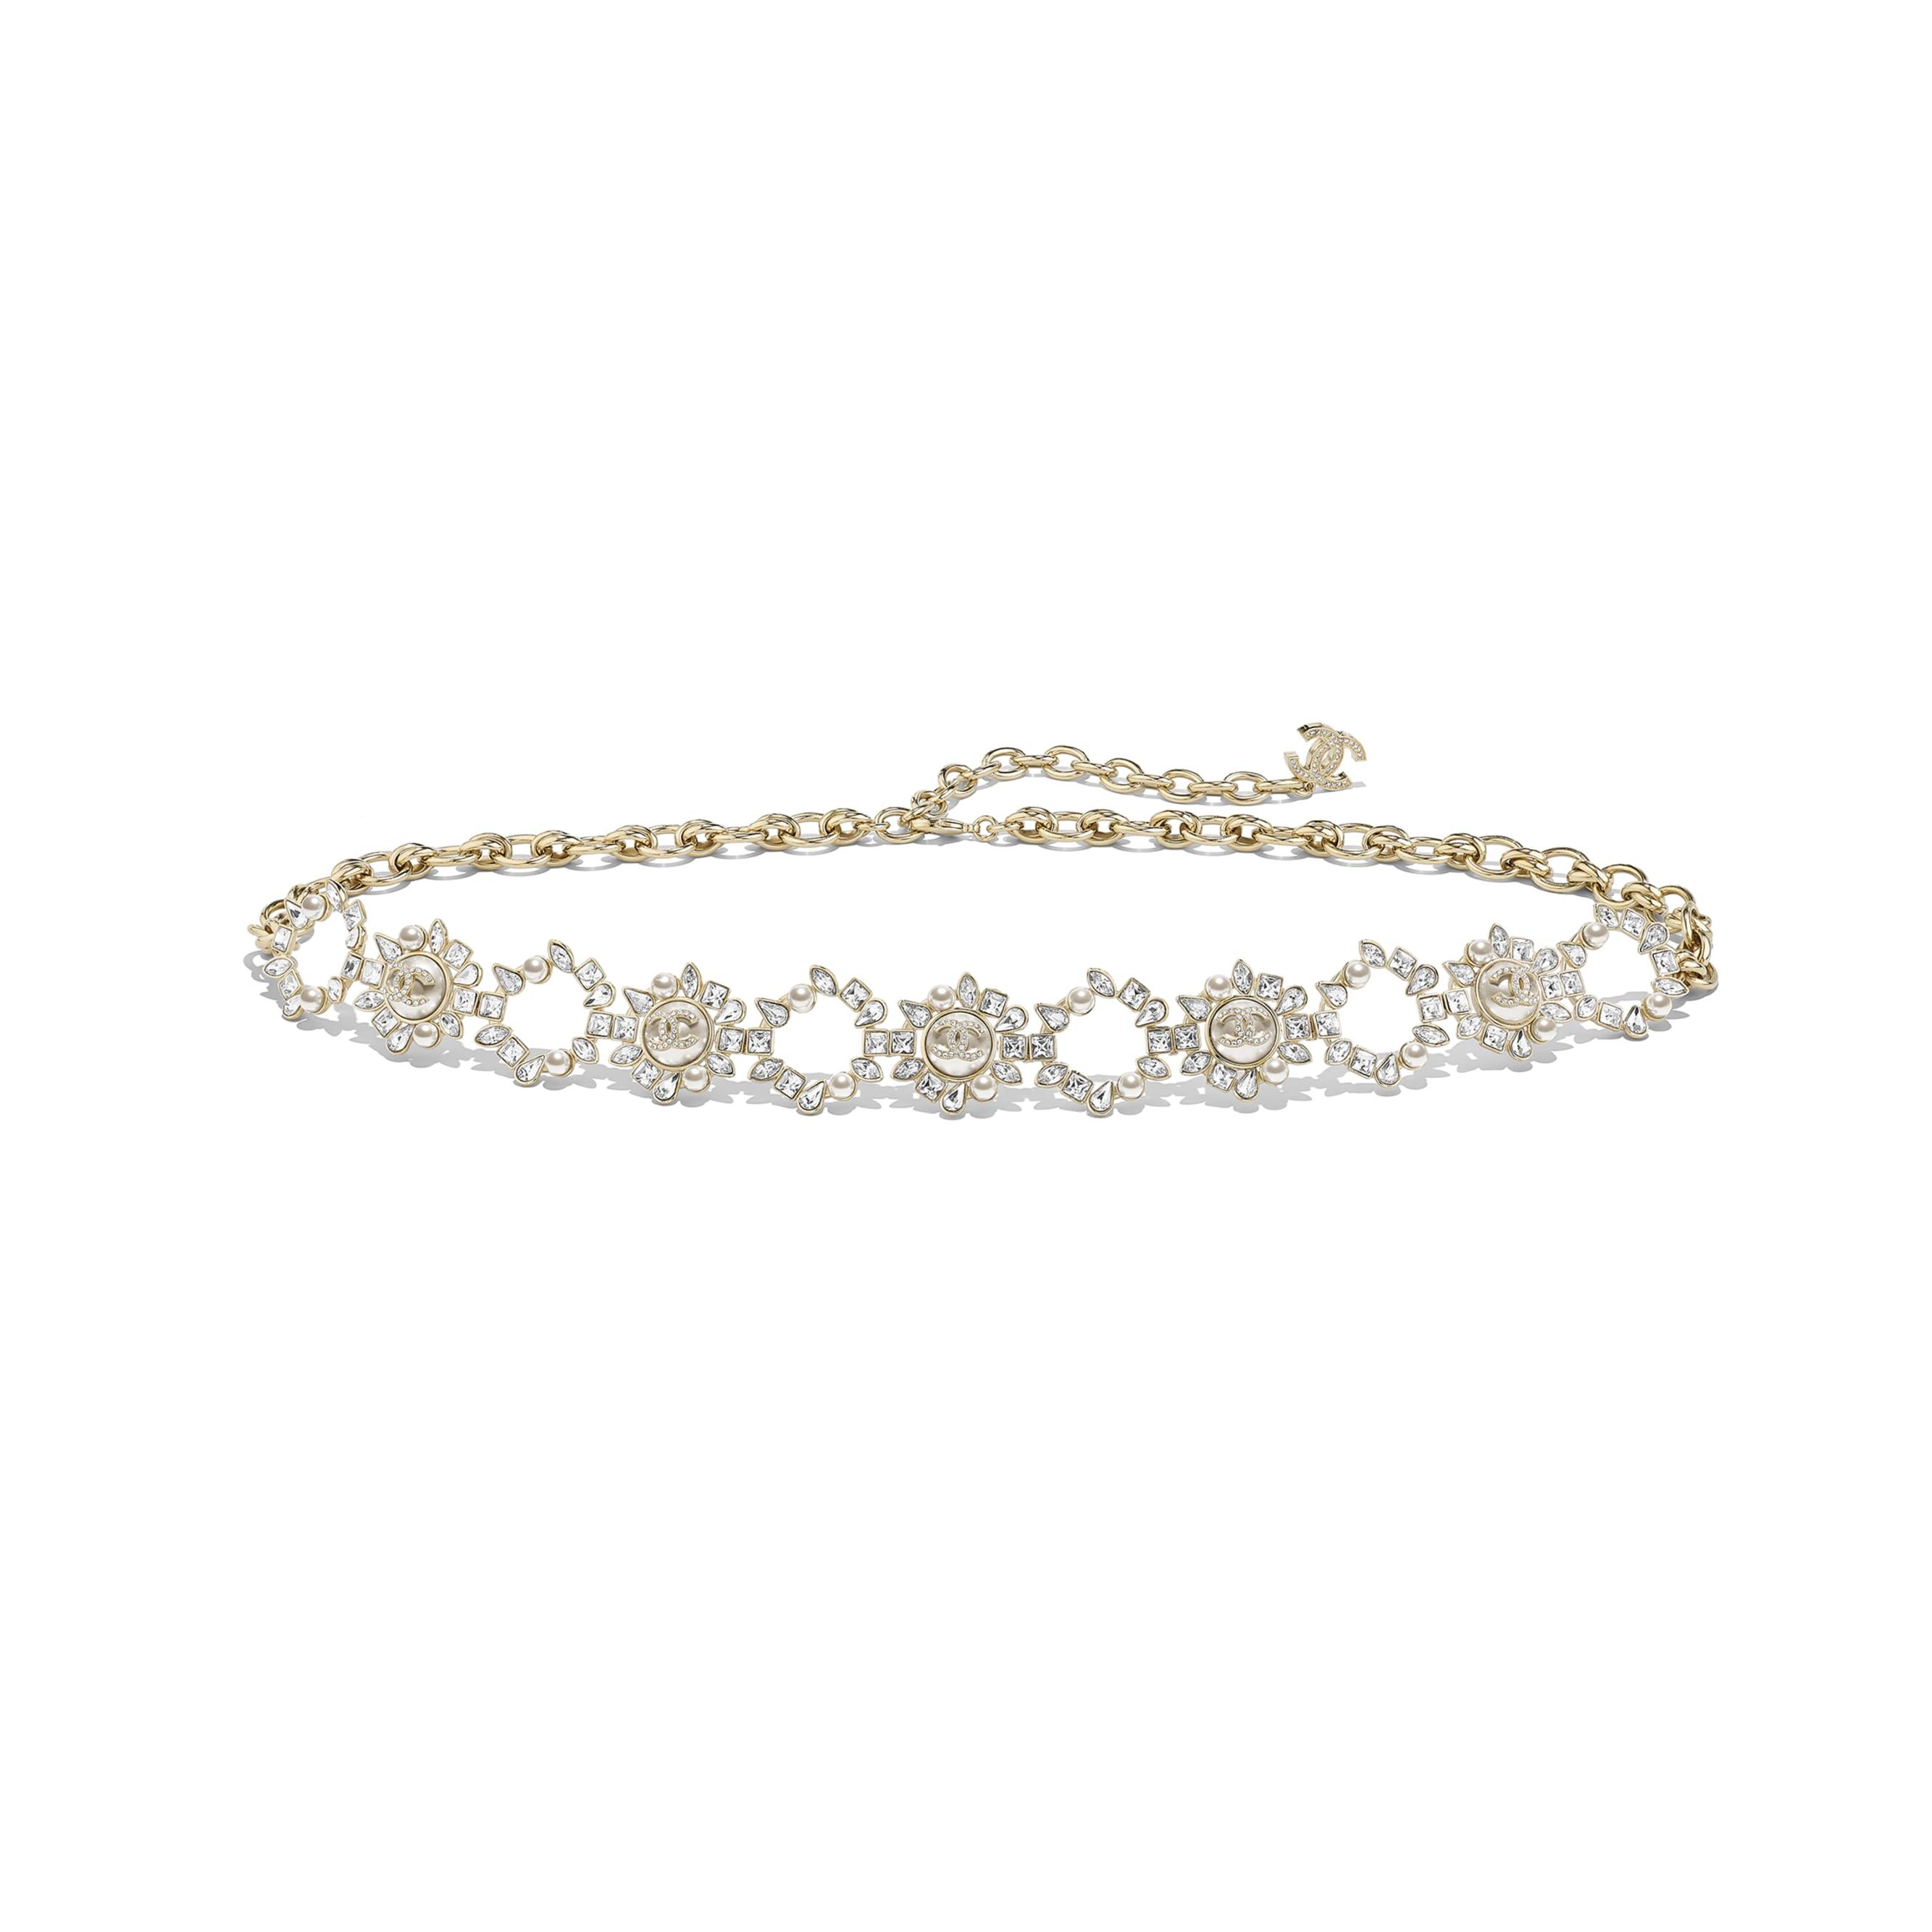 Pasek - Kolor złoty, perłowobiały i krystaliczny - Metal, szklane perły, stras i żywica - Widok domyślny – zobacz w standardowym rozmiarze